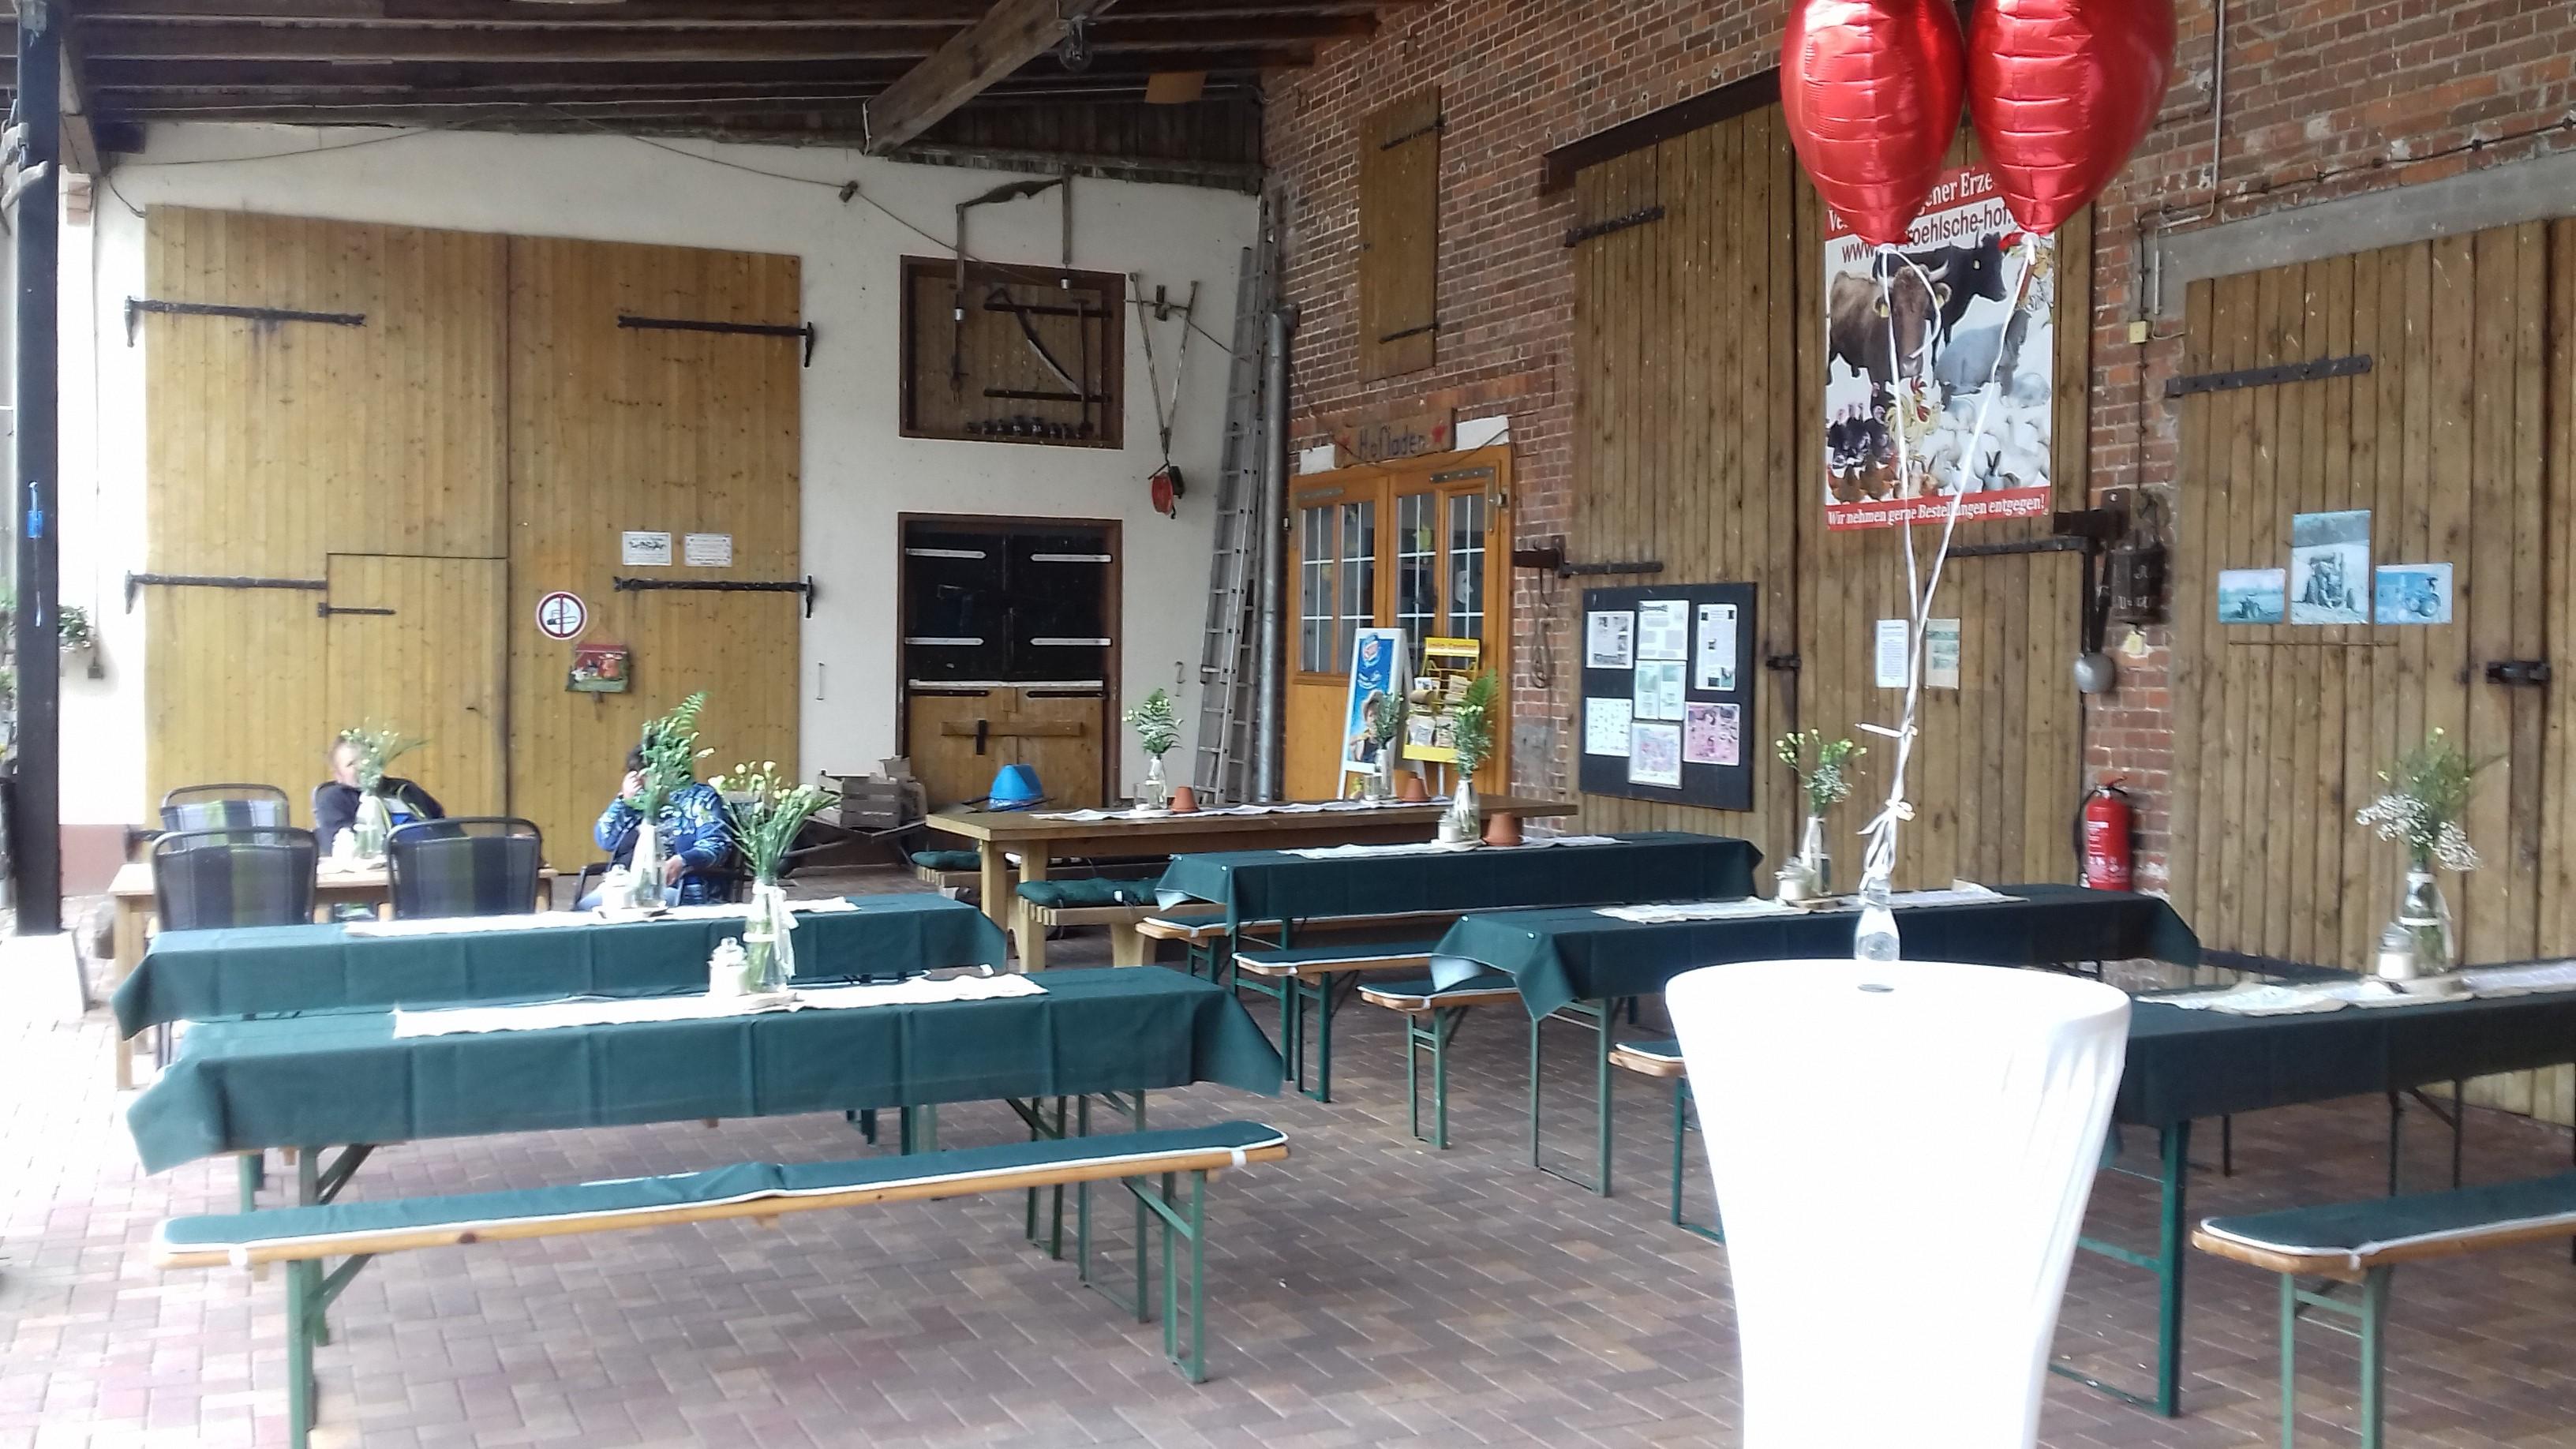 Der Röhlsche Hof - Bildungs- und Erlebnisbauernhof in Wallwitz in Sachsen-Anhalt